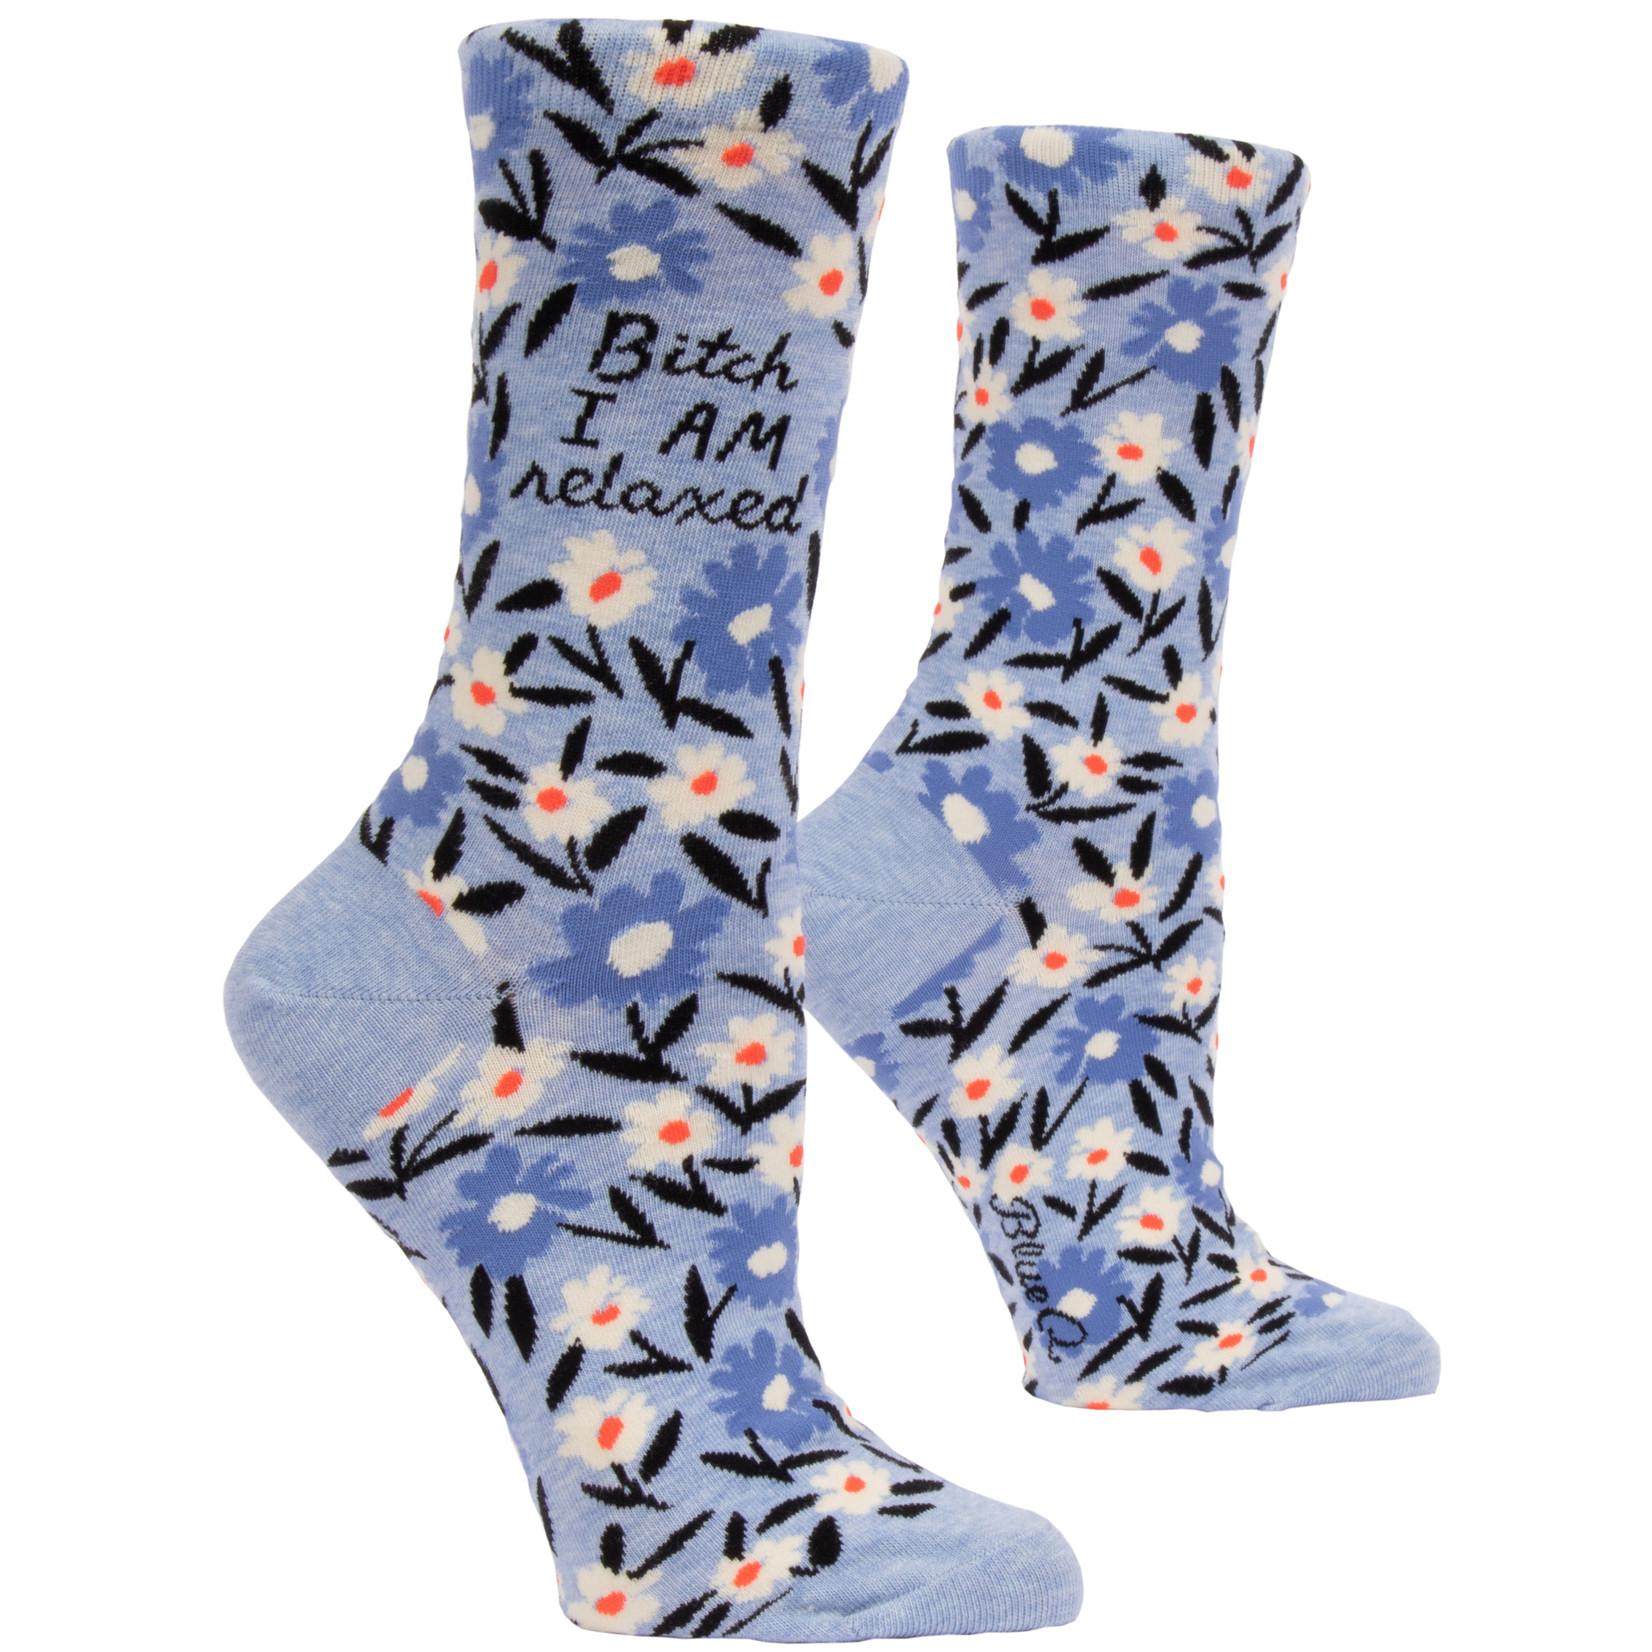 Blue Q B*tch I Am Relaxed W - Crew Socks